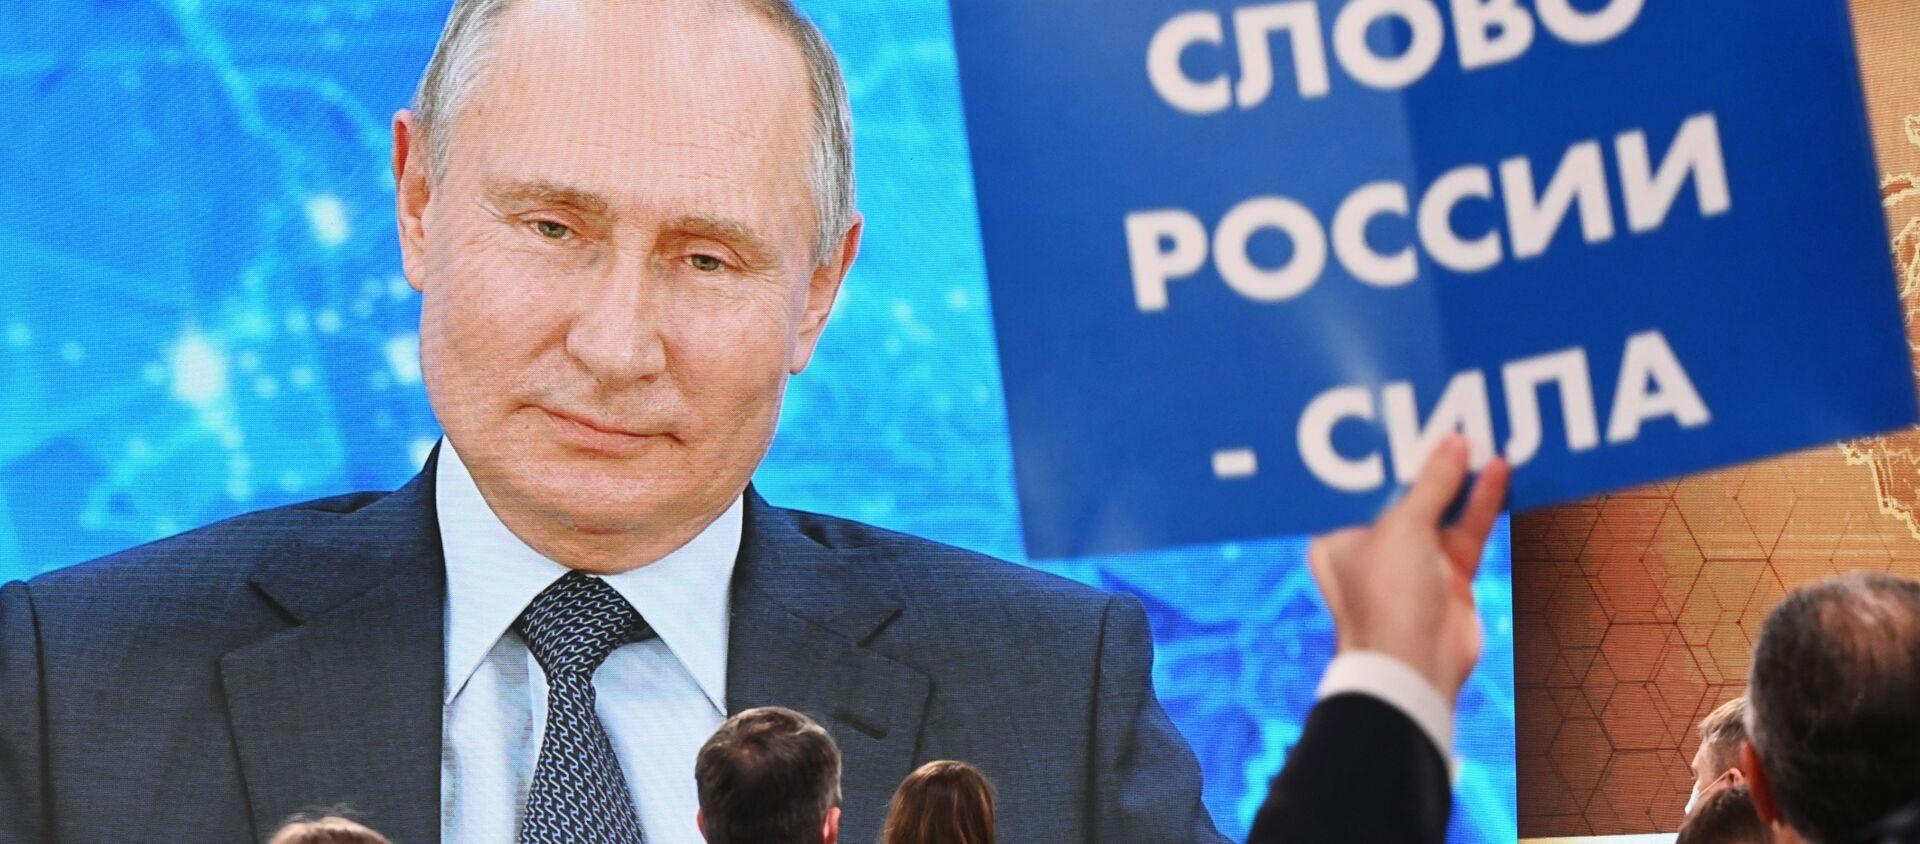 Prezident Rossii Vladimir Putin provodit yejegodnuyu press-konferentsiyu - Sputnik Oʻzbekiston, 1920, 22.12.2020